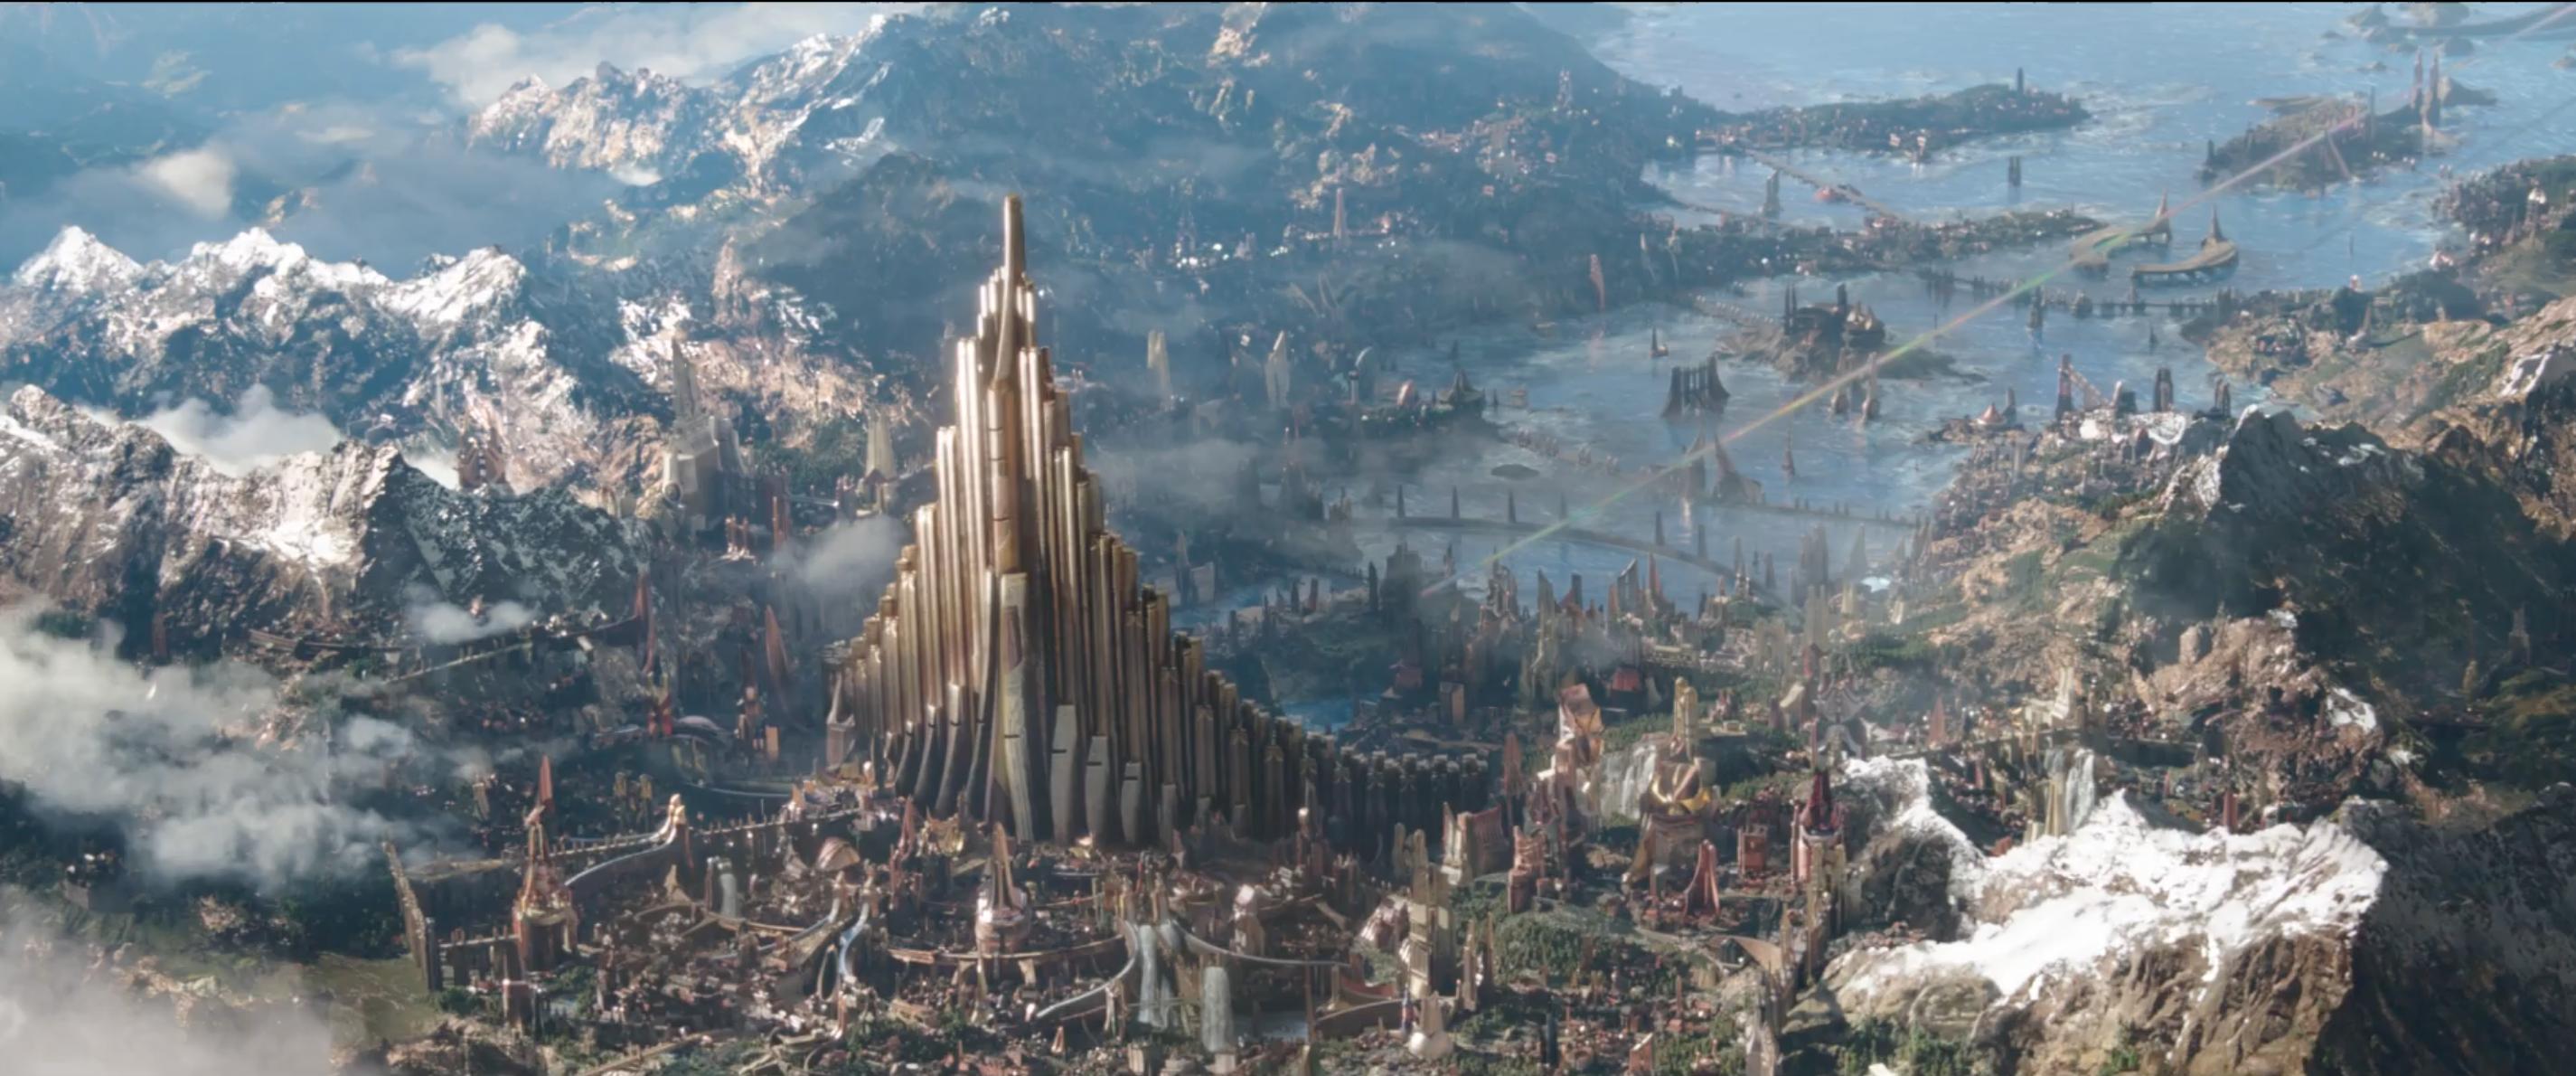 Thor: Ragnarok - L'assedio di Asgard in un'immagine del primo teaser